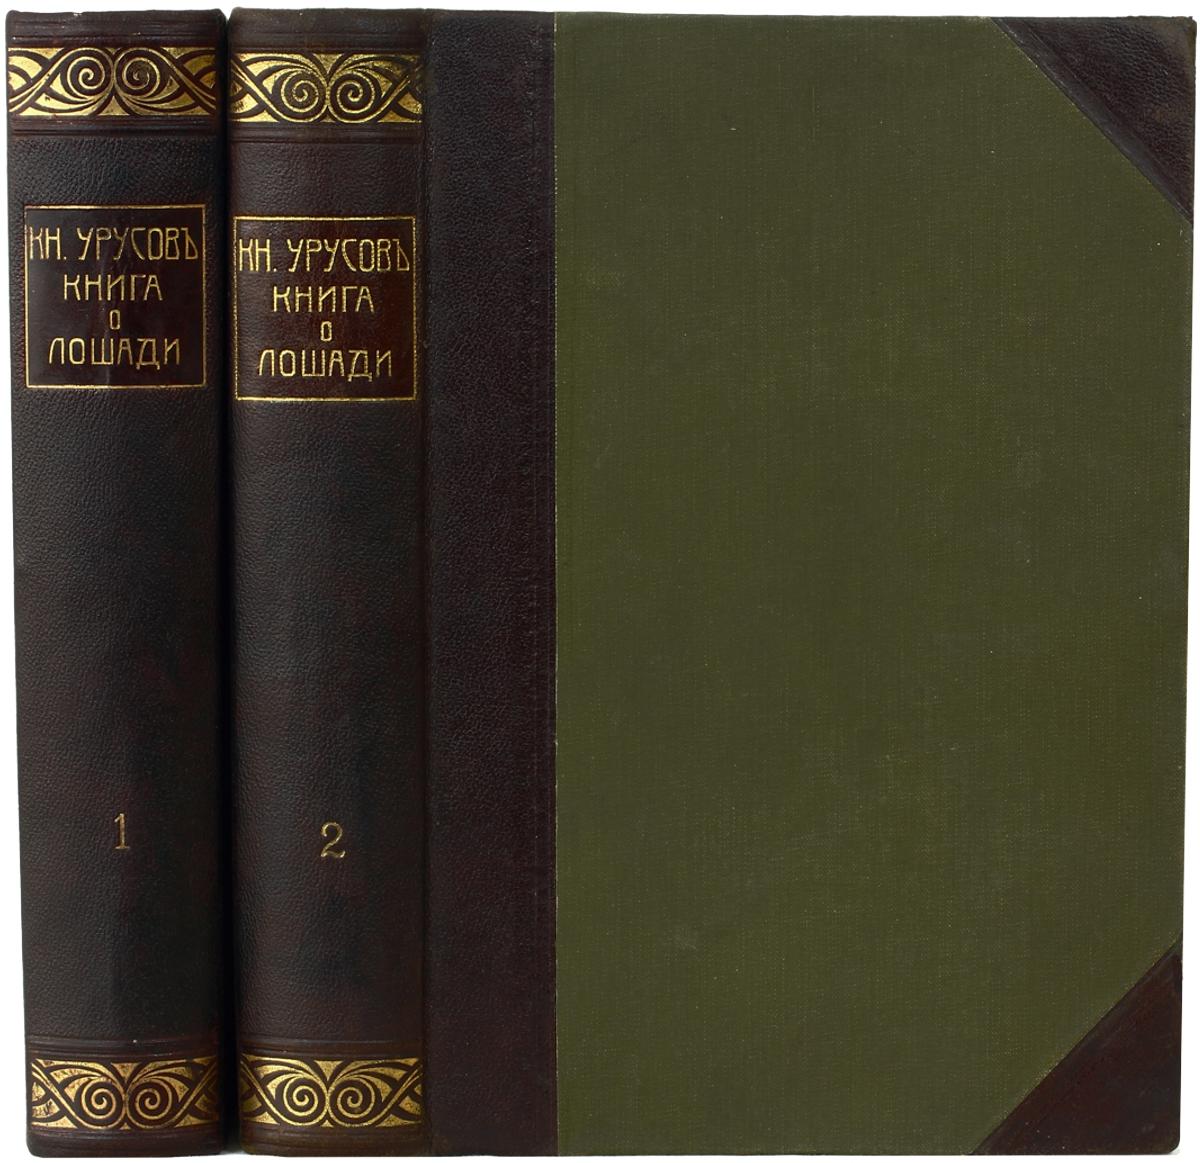 Книга о лошади историческая панорама санкт петербурга и окрестностей полный комплект из 10 папок